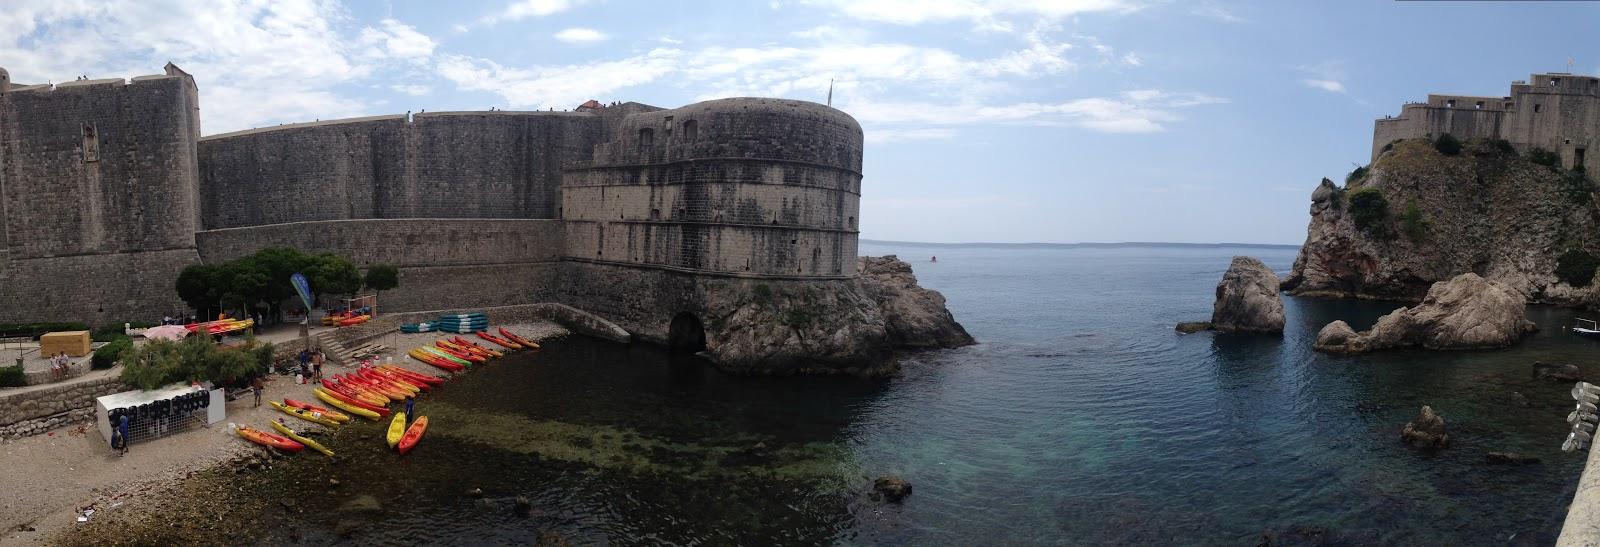 26-road-trip-montenegro-voyage-europe